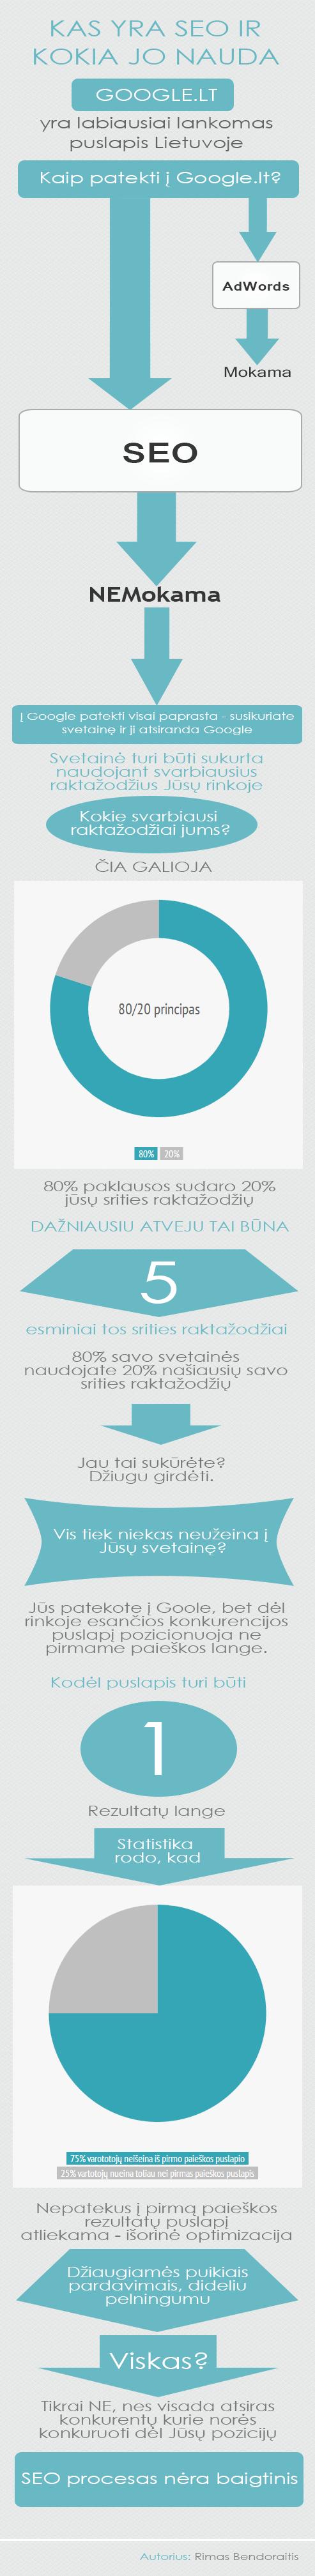 kas yra seo infografikas